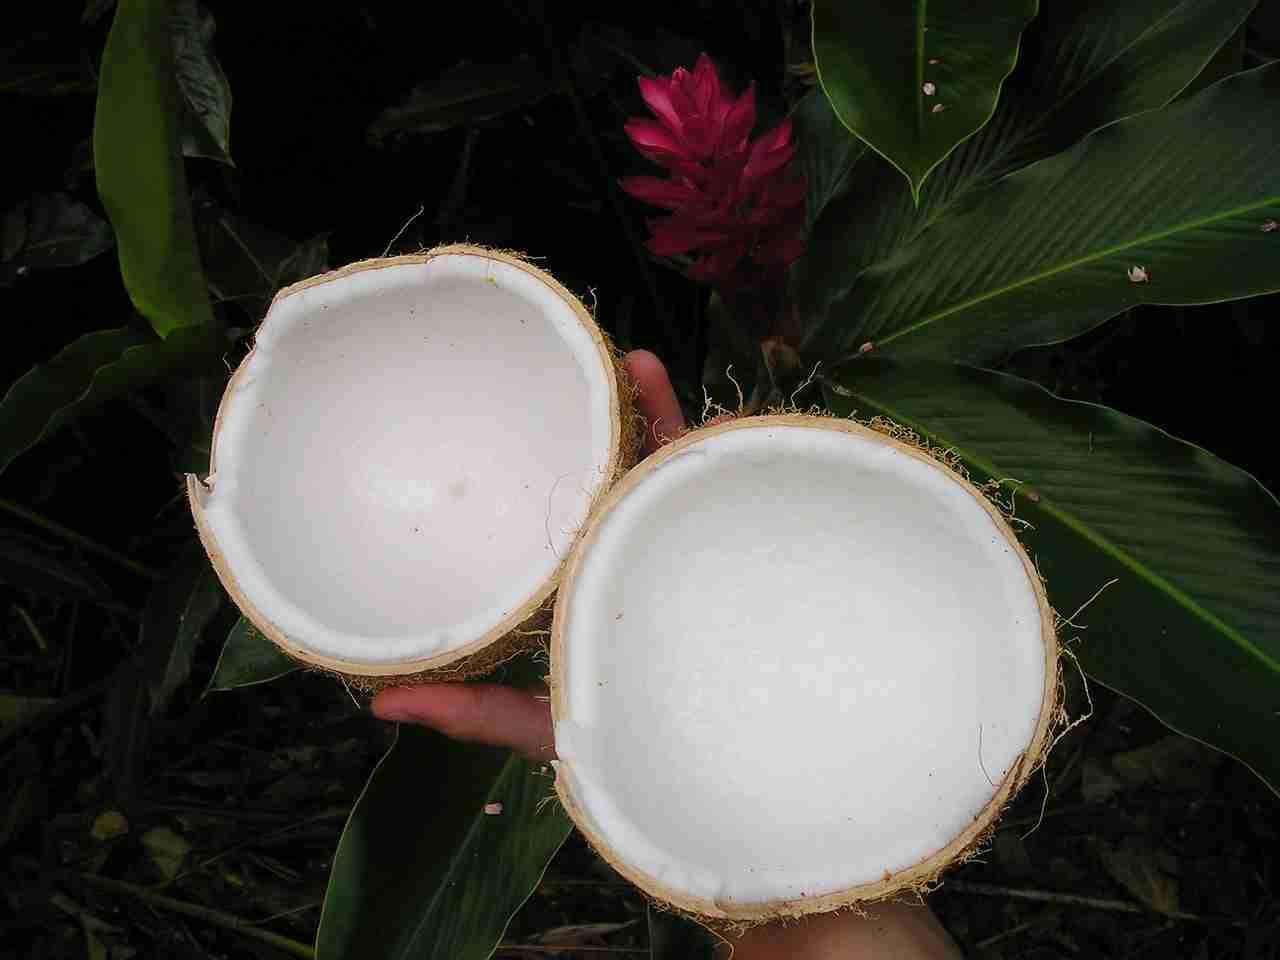 Kokosnuss verdorben Merkmale